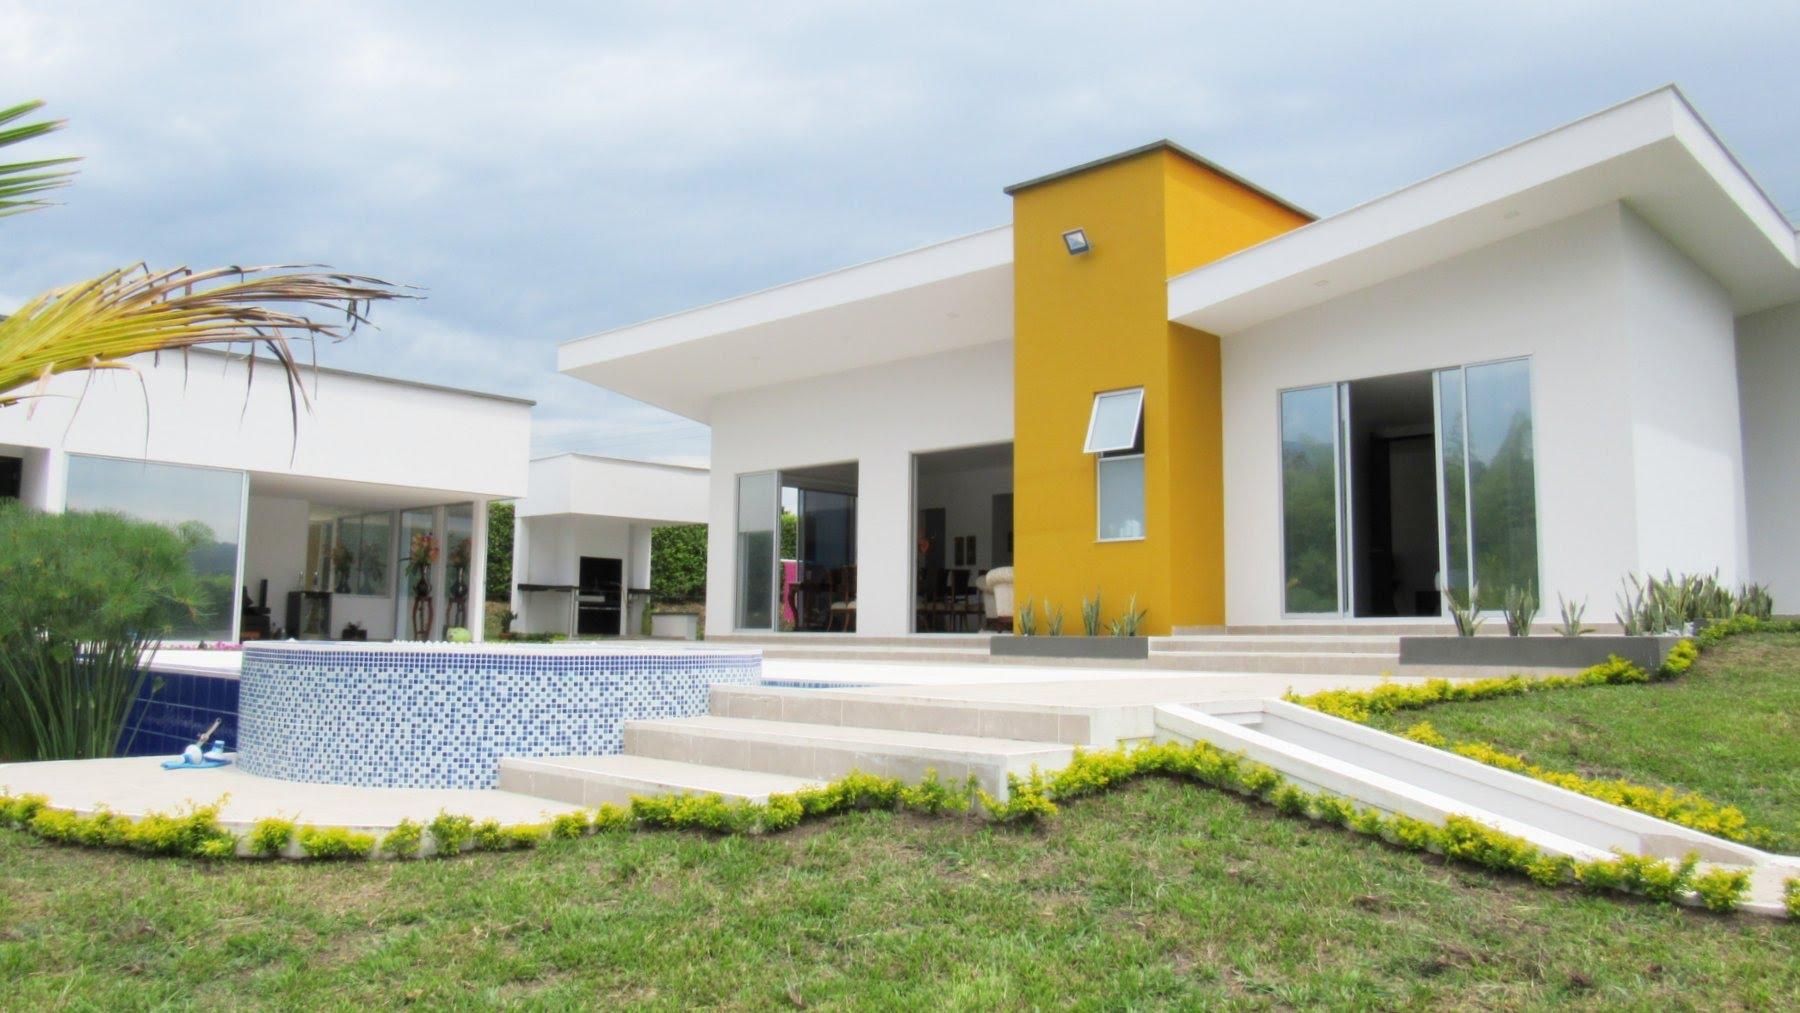 Uma casa branca pode receber algum detalhe para dar mais personalidade